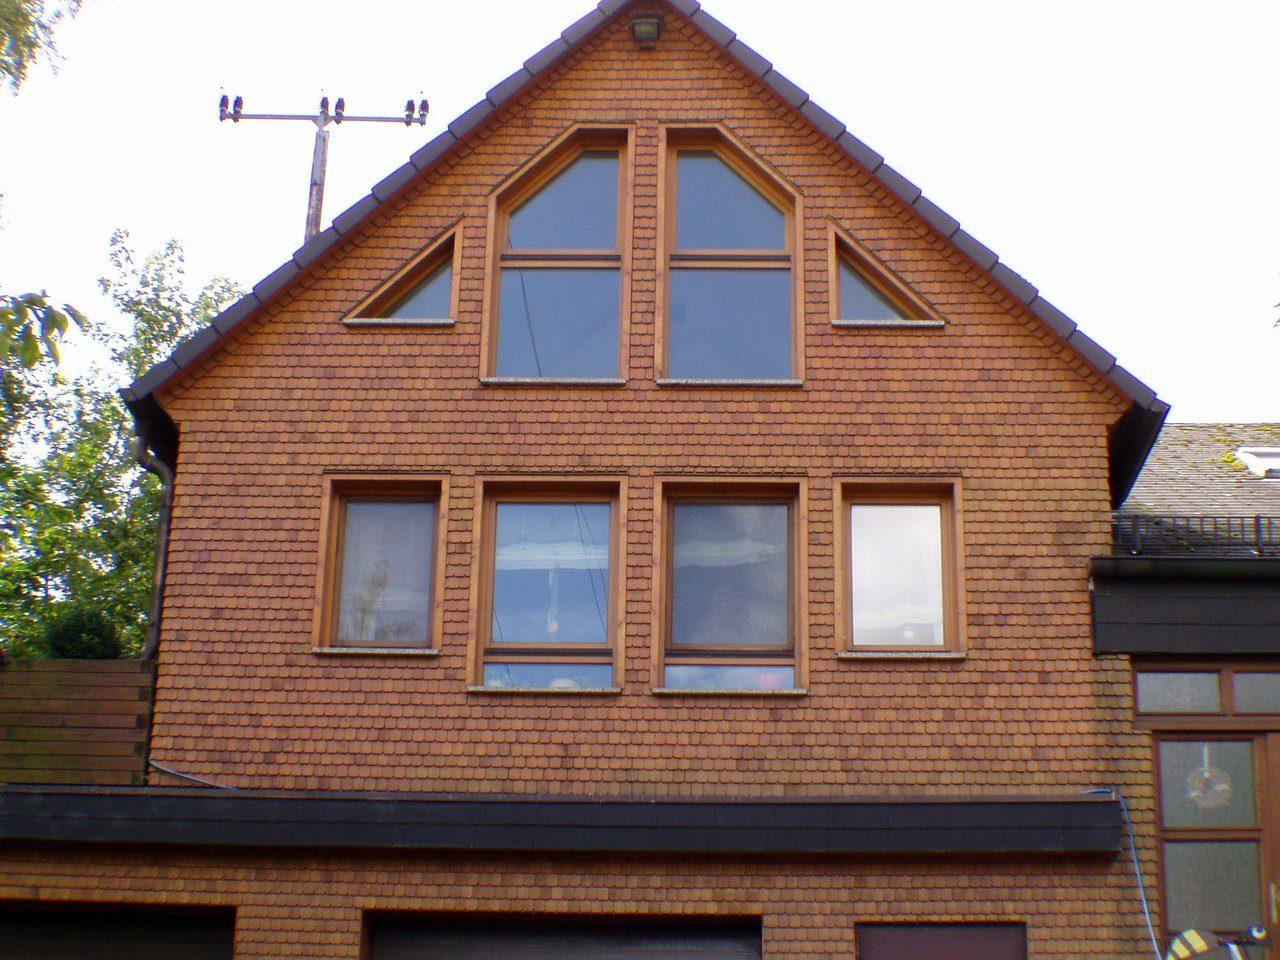 Holzschindel Fassade Beispiel Referenz